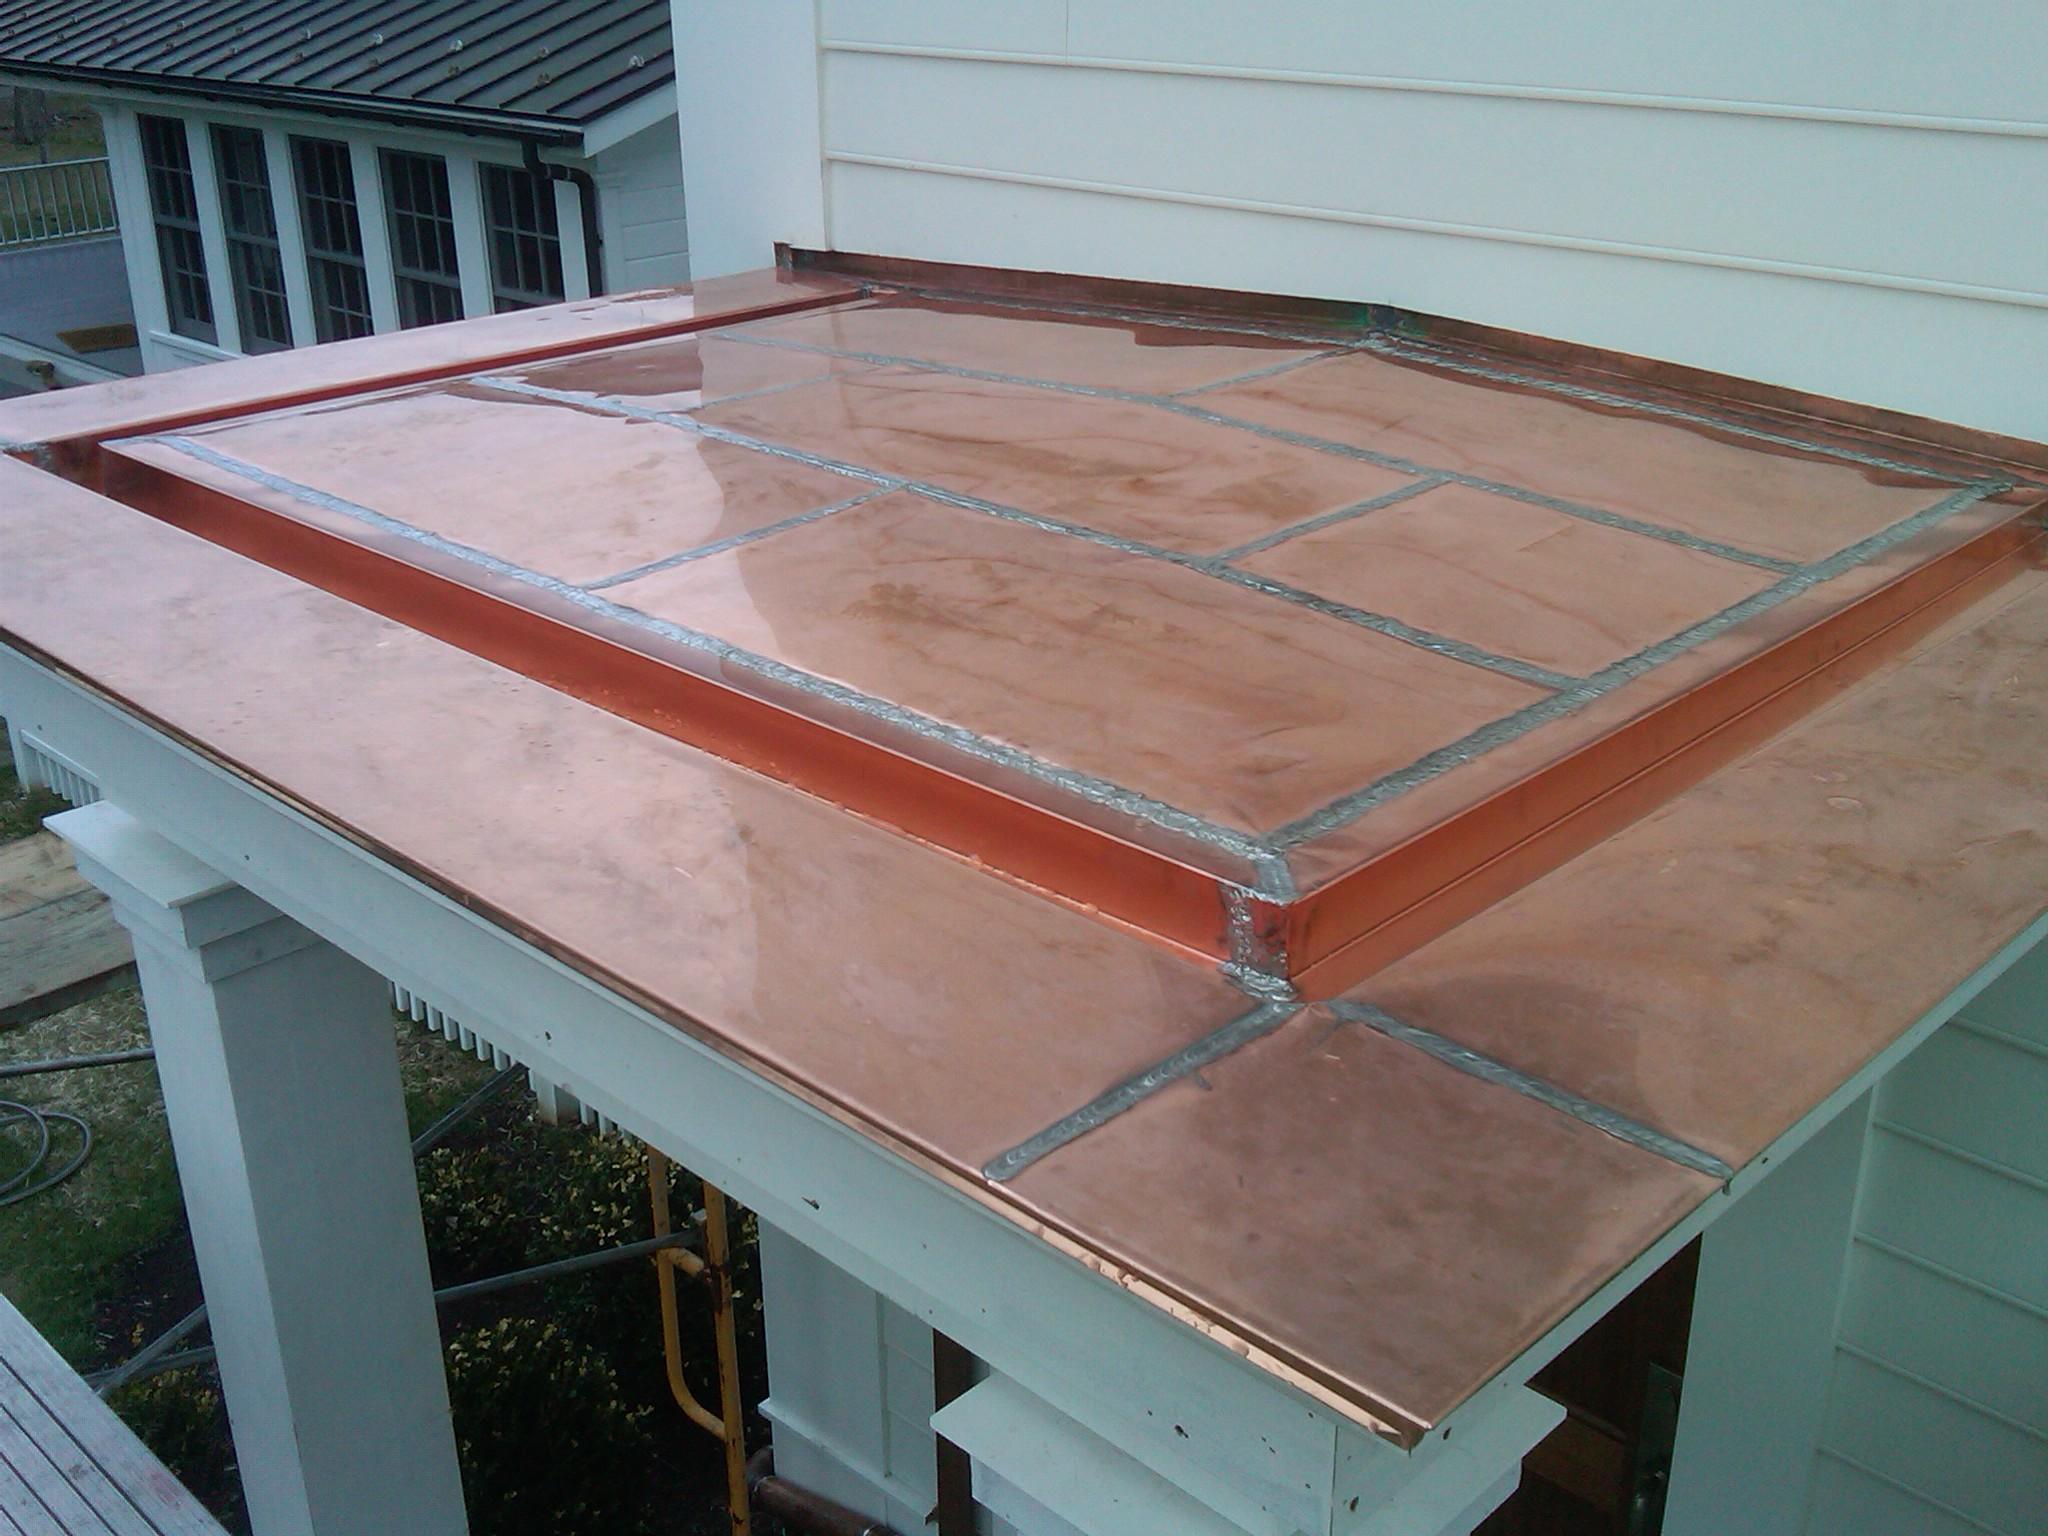 Flat Roofs Flat Seam Copper Roof